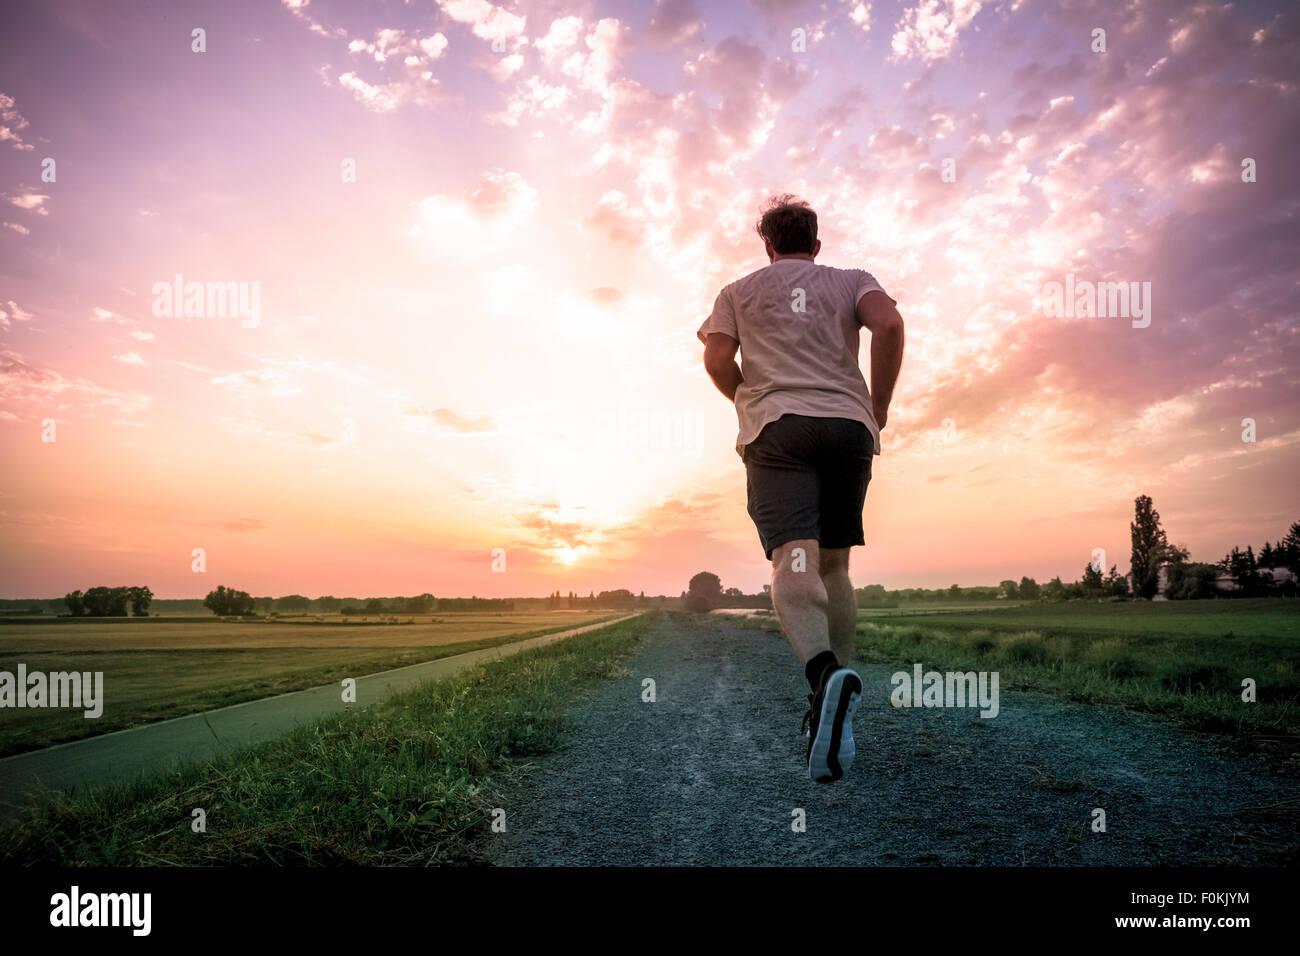 Vista posteriore dell'uomo jogging al tramonto Immagini Stock